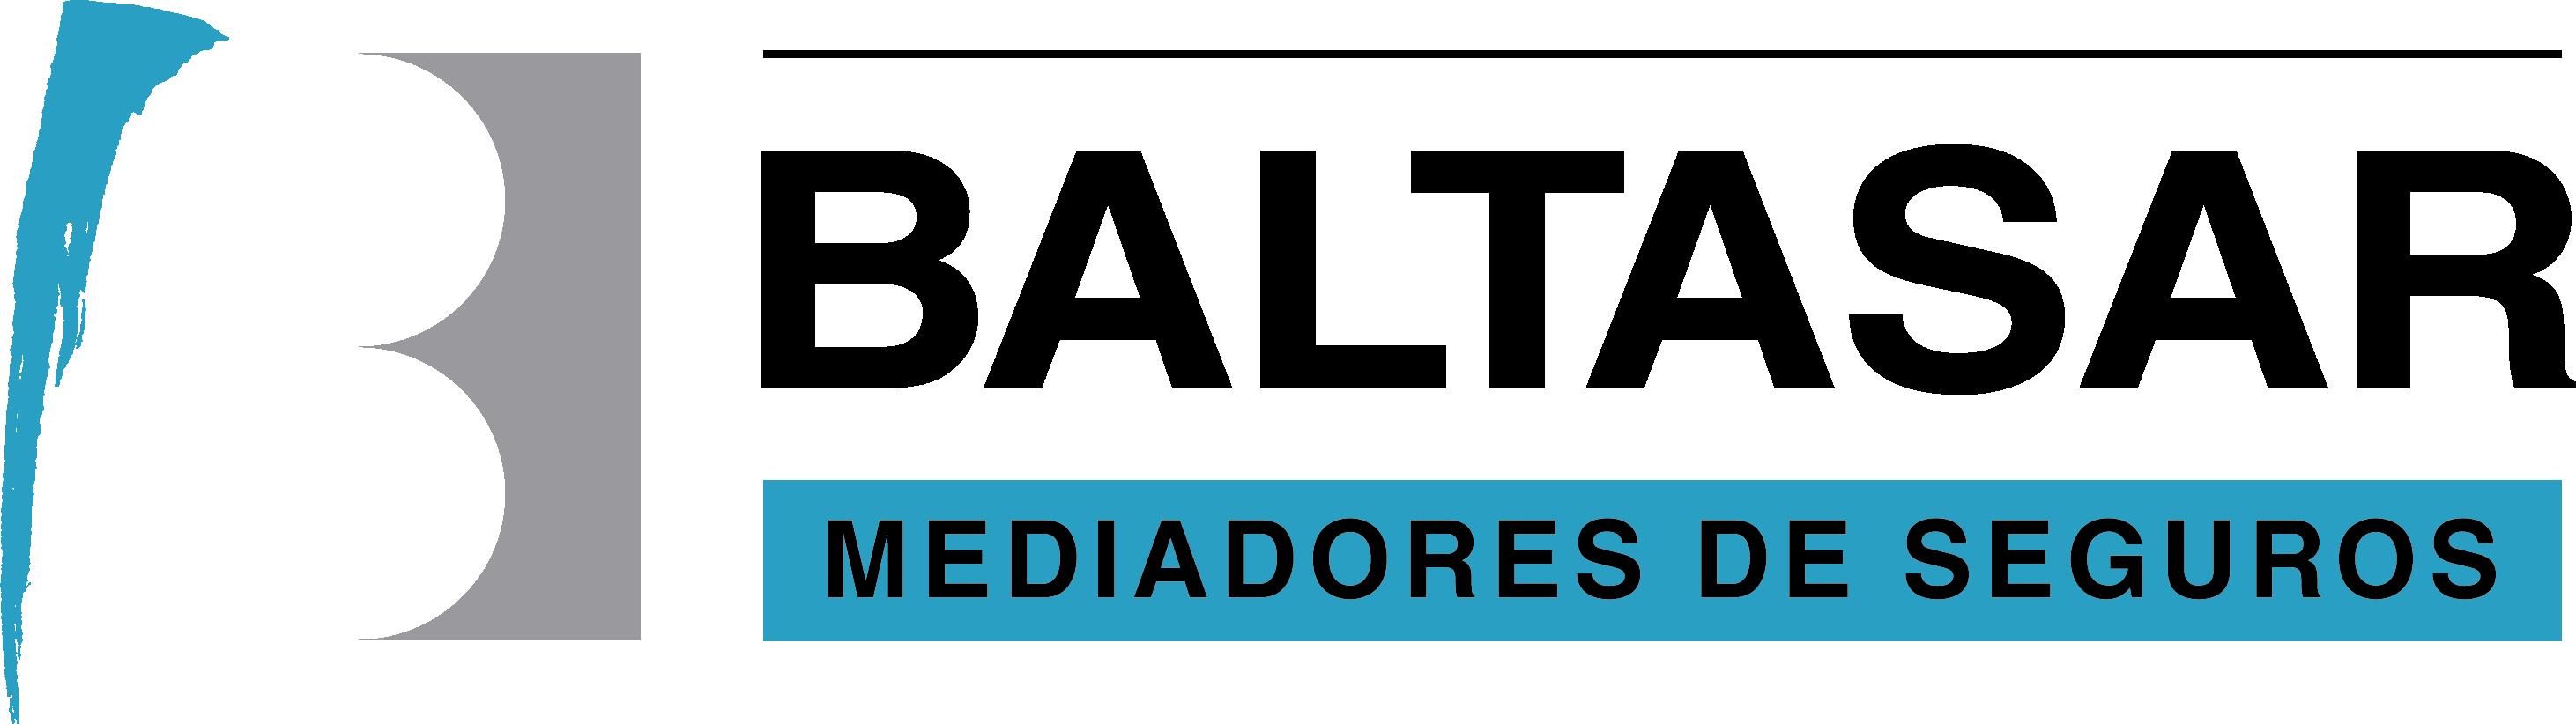 Baltasar Mediadores